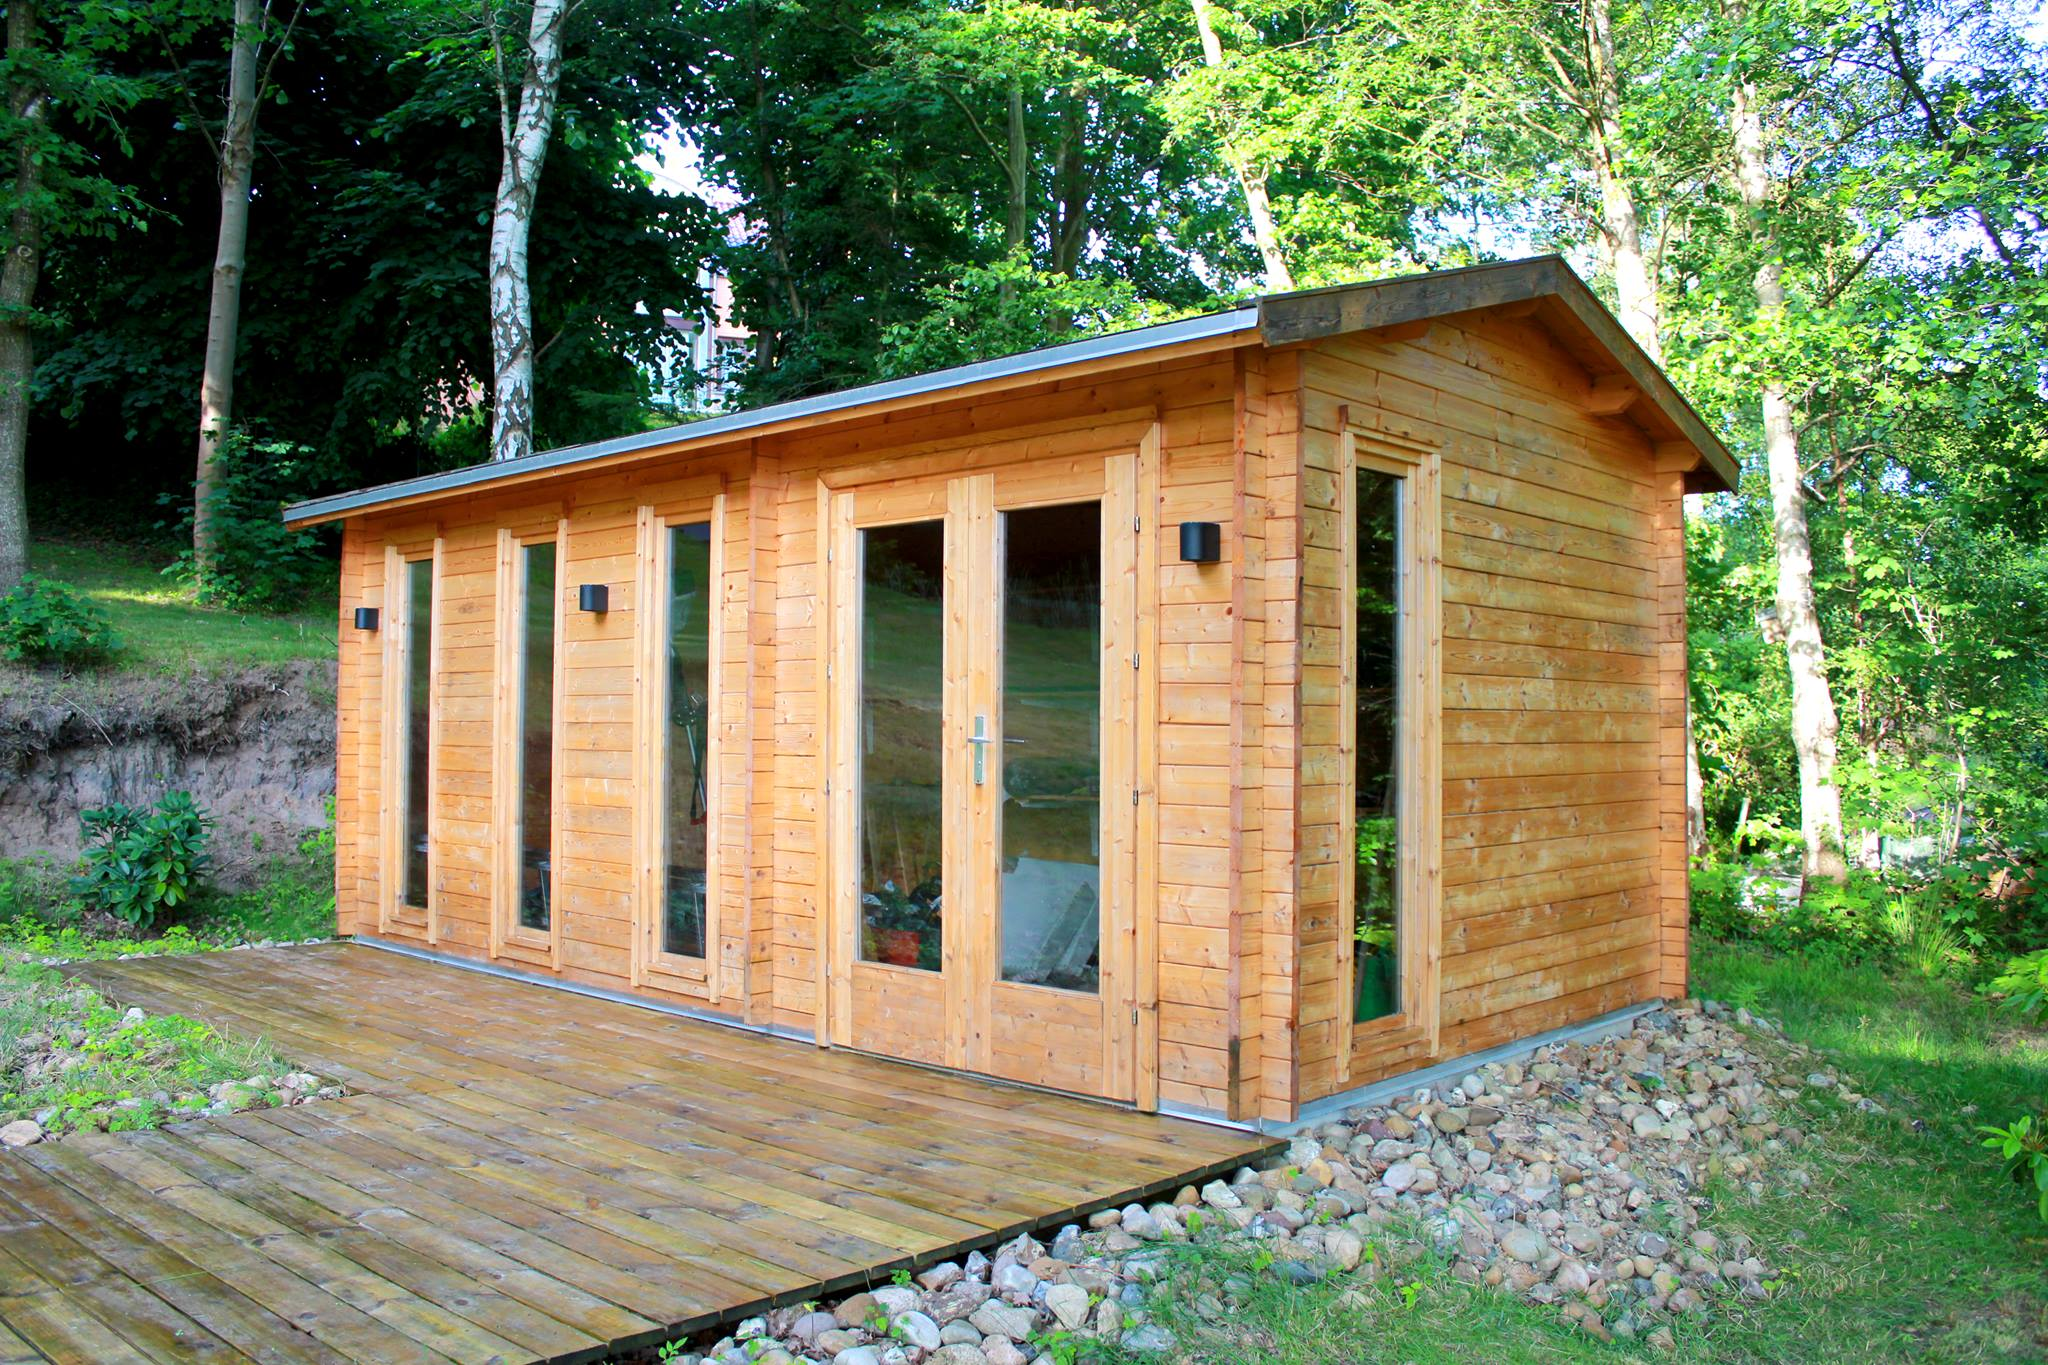 Nicole køb bjælkehytte indsendt af kunde se alle vores havehuse på www.sølundhuse.dk